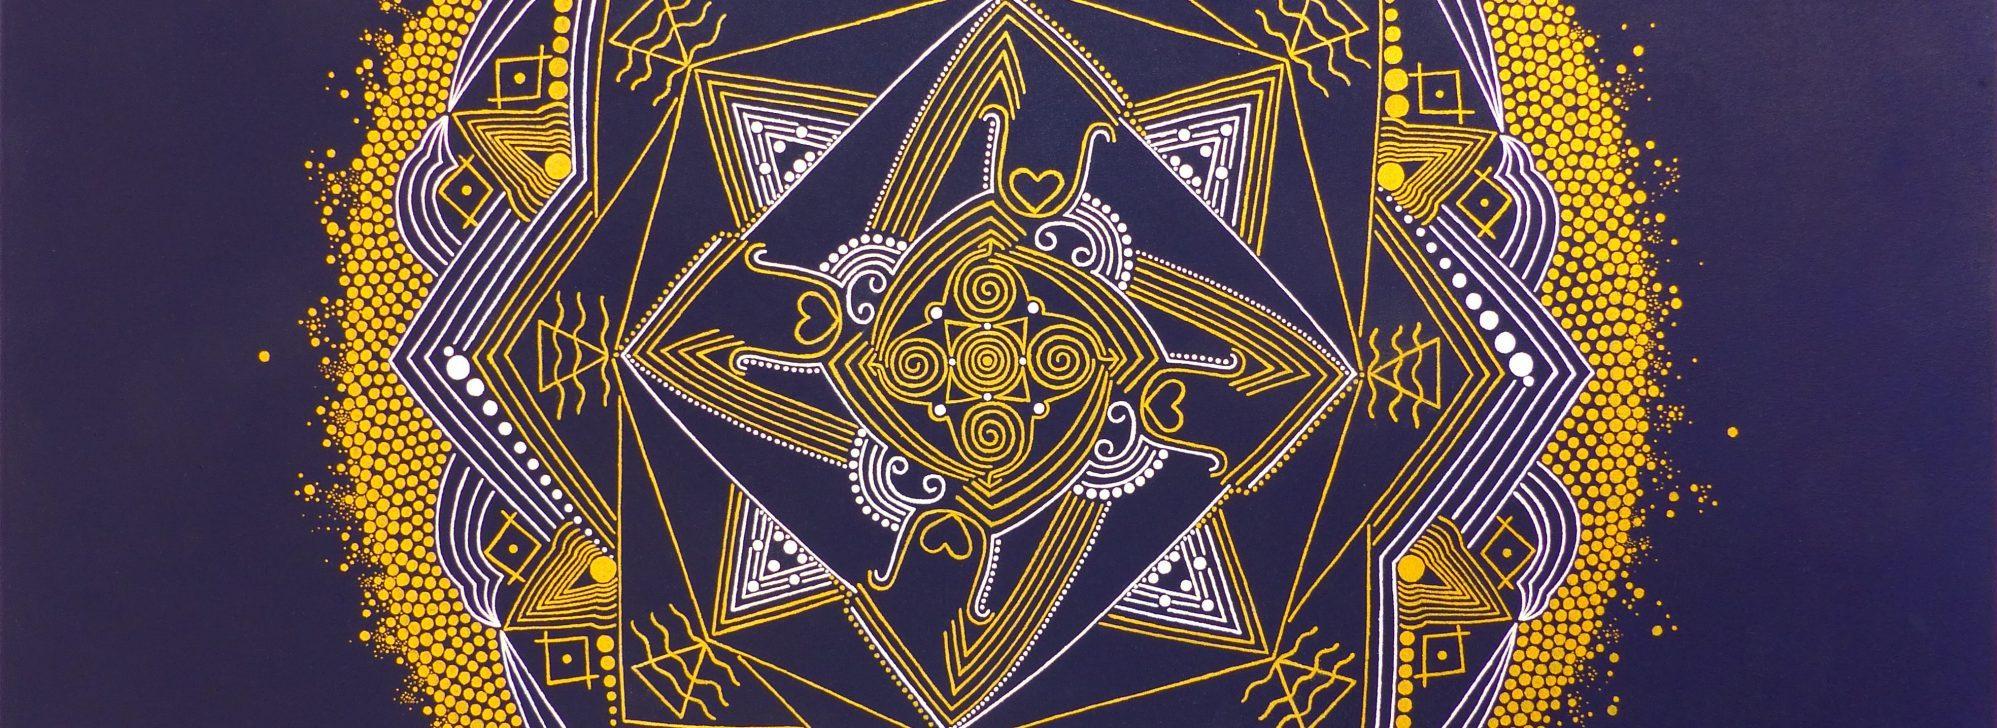 Spirituelle Begleitung/Beratung, Fern/Heilbehandlungen und Botschaften der geistigen Welt zur Unterstützung für Deinen individuellen Weg in die eigene goldene Mitte, Zufriedenheit, Gesundheit und Selbstermächtigung.